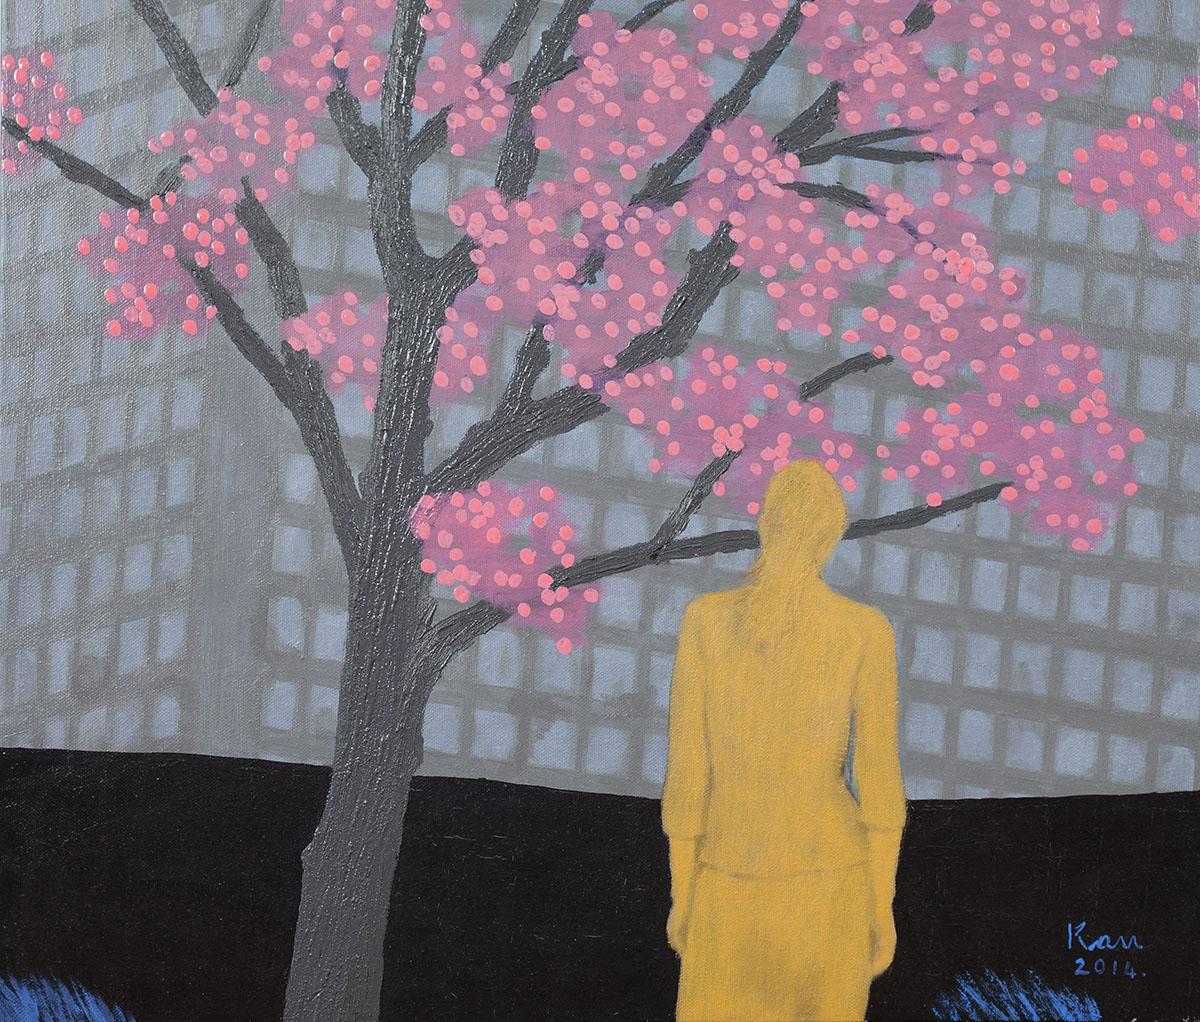 회색도시-여인︱53.0x45.5cm, Oil on canvas︱2014